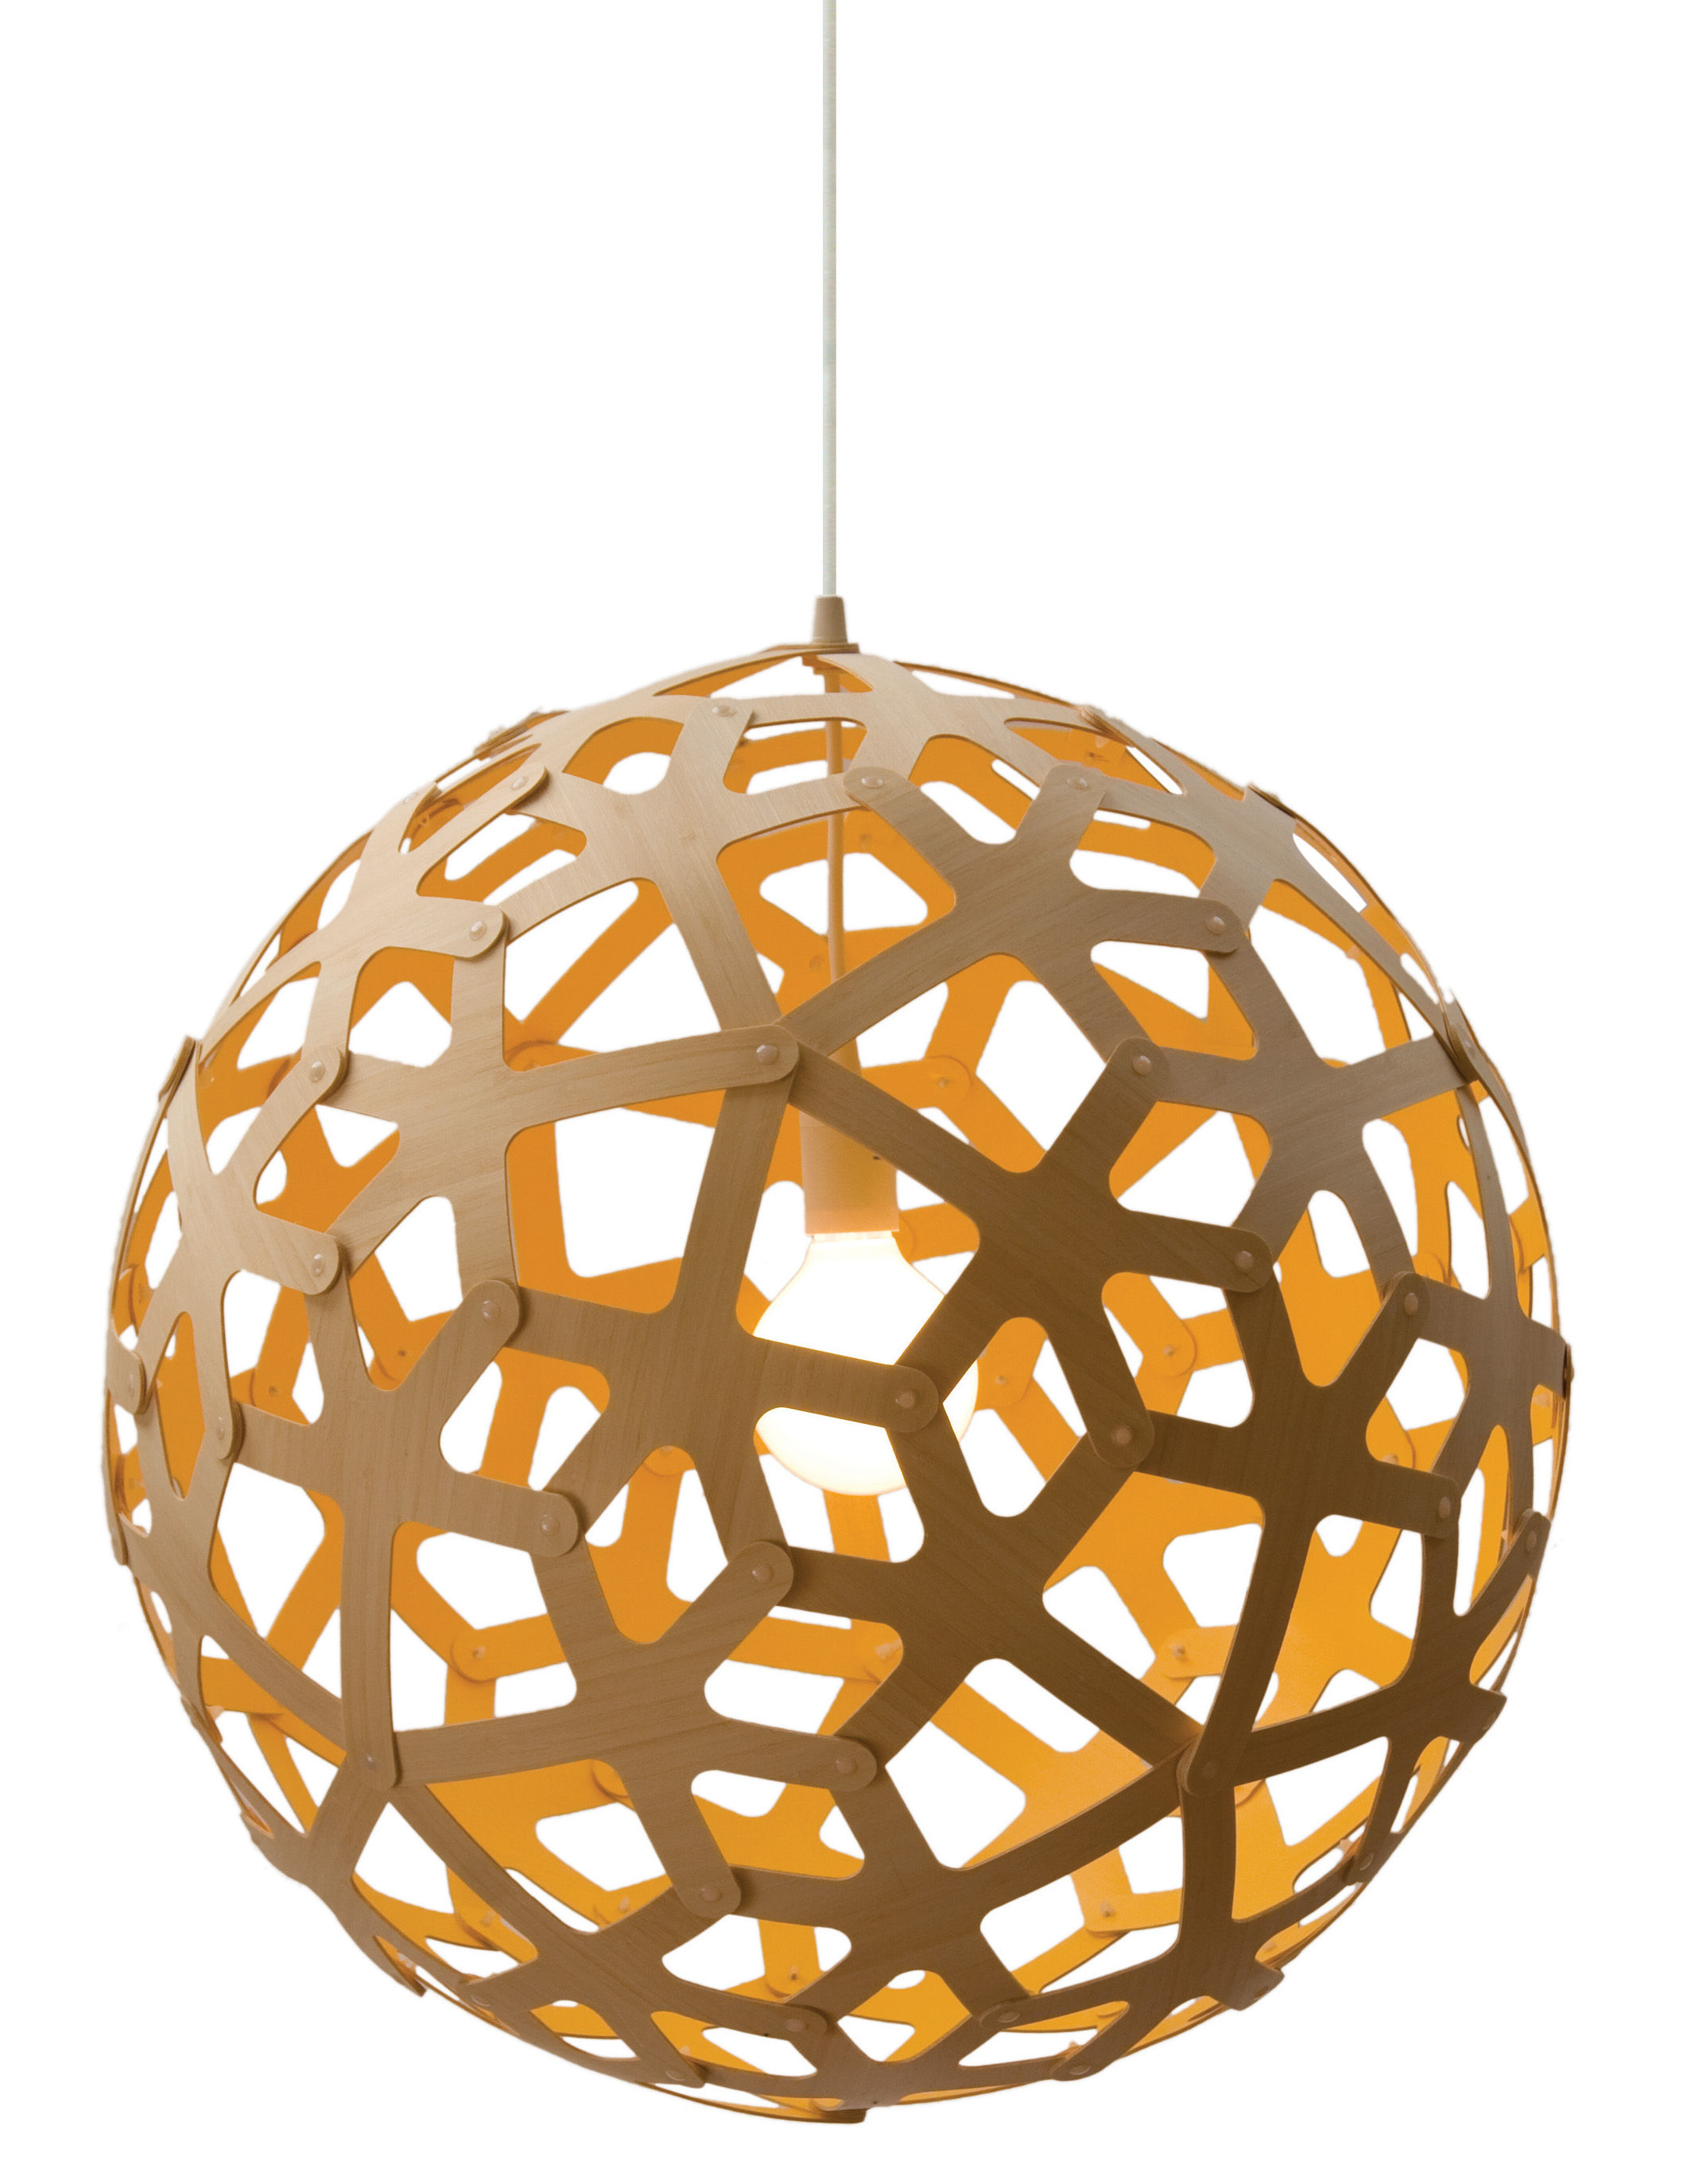 Luminaire - Suspensions - Suspension Coral / Ø 60 cm - Bicolore jaune & bois - David Trubridge - Jaune / Bois naturel - Pin